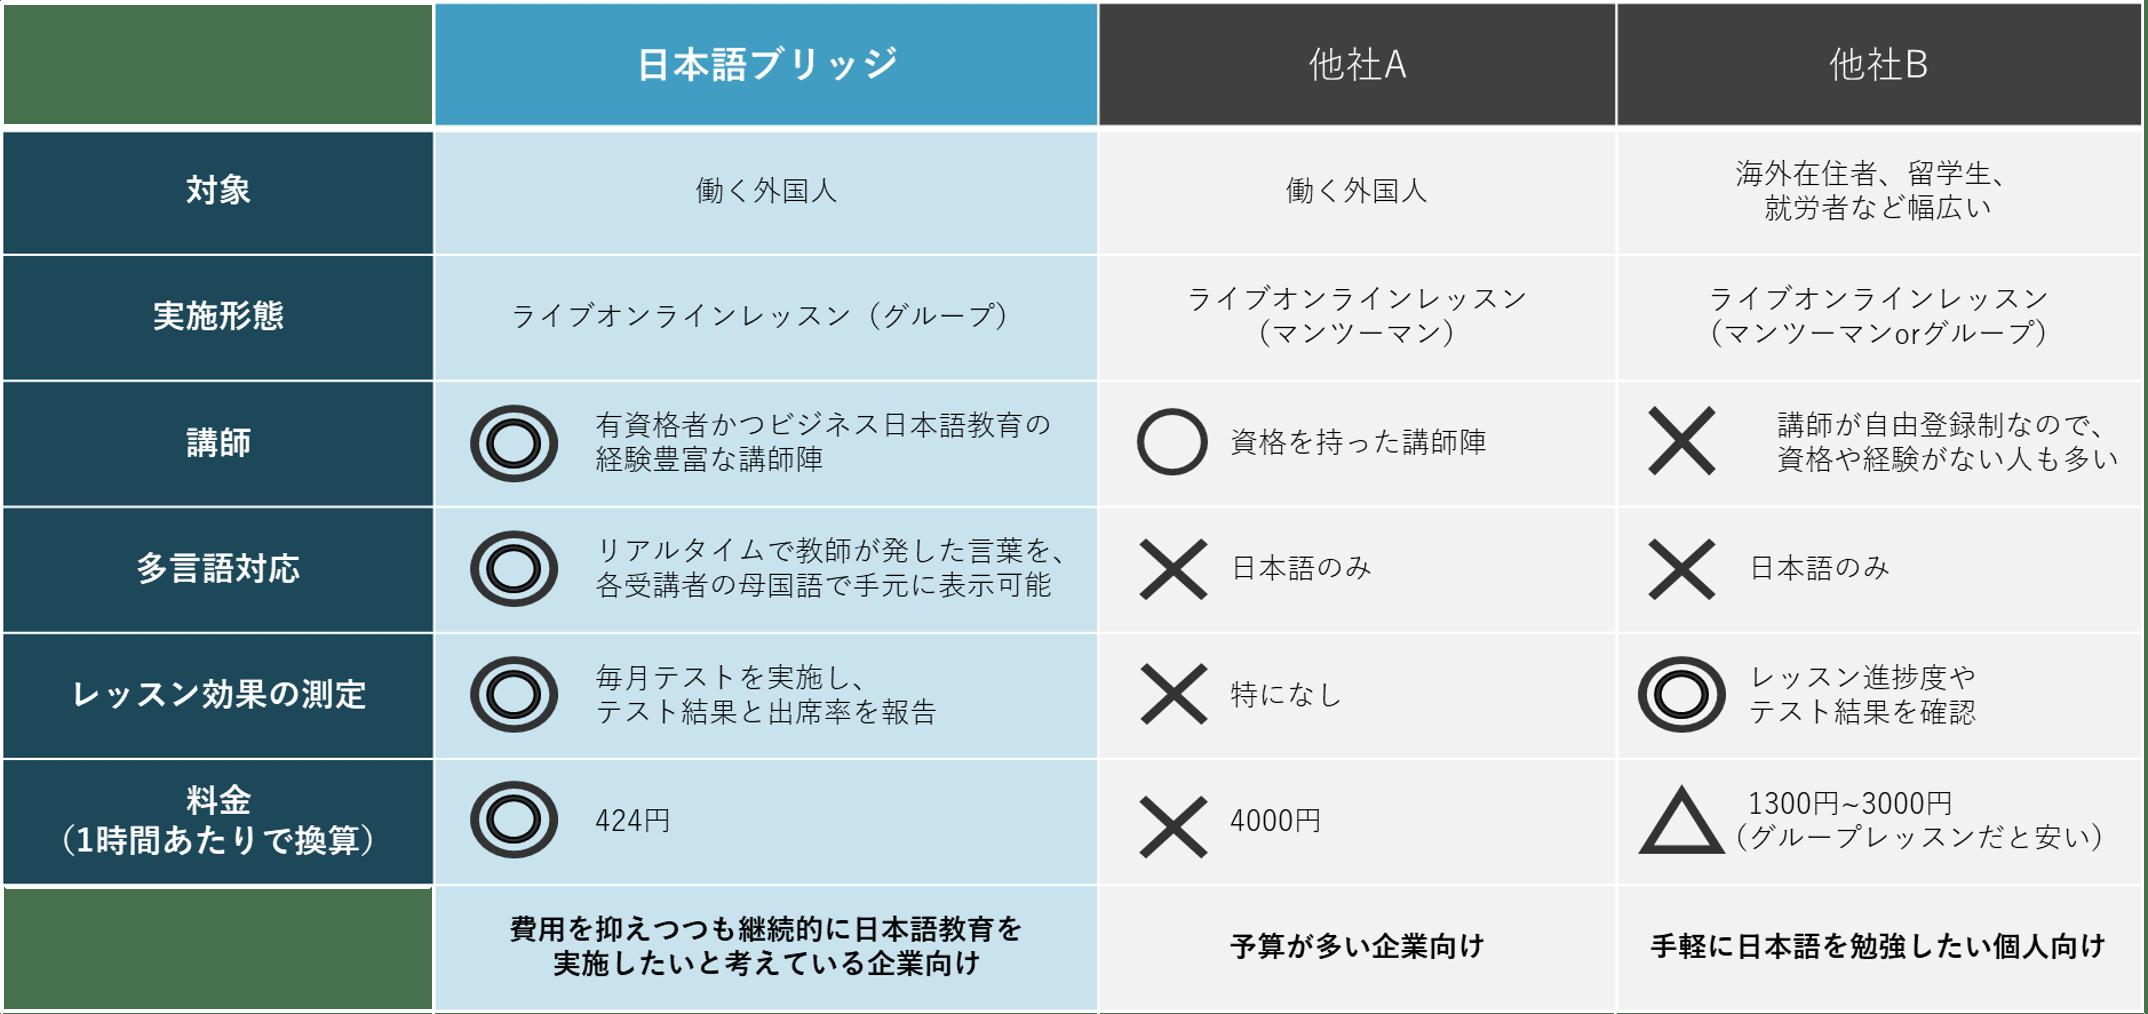 日本語ブリッジと、他のオンライン日本語教育サービスとの比較図